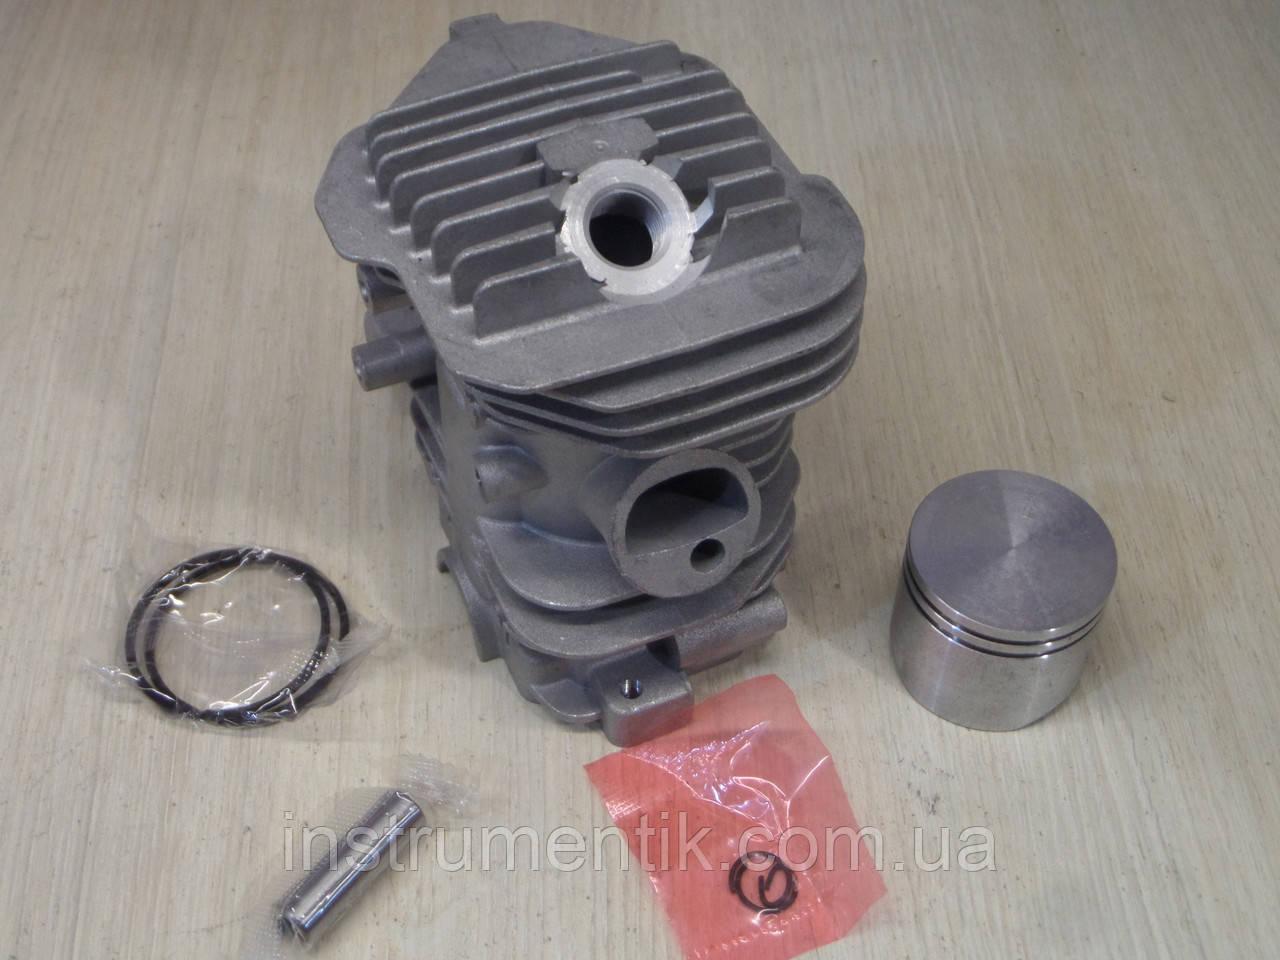 Циліндр і поршень winzor для Oleo-Mac 941 С, 941 СХ